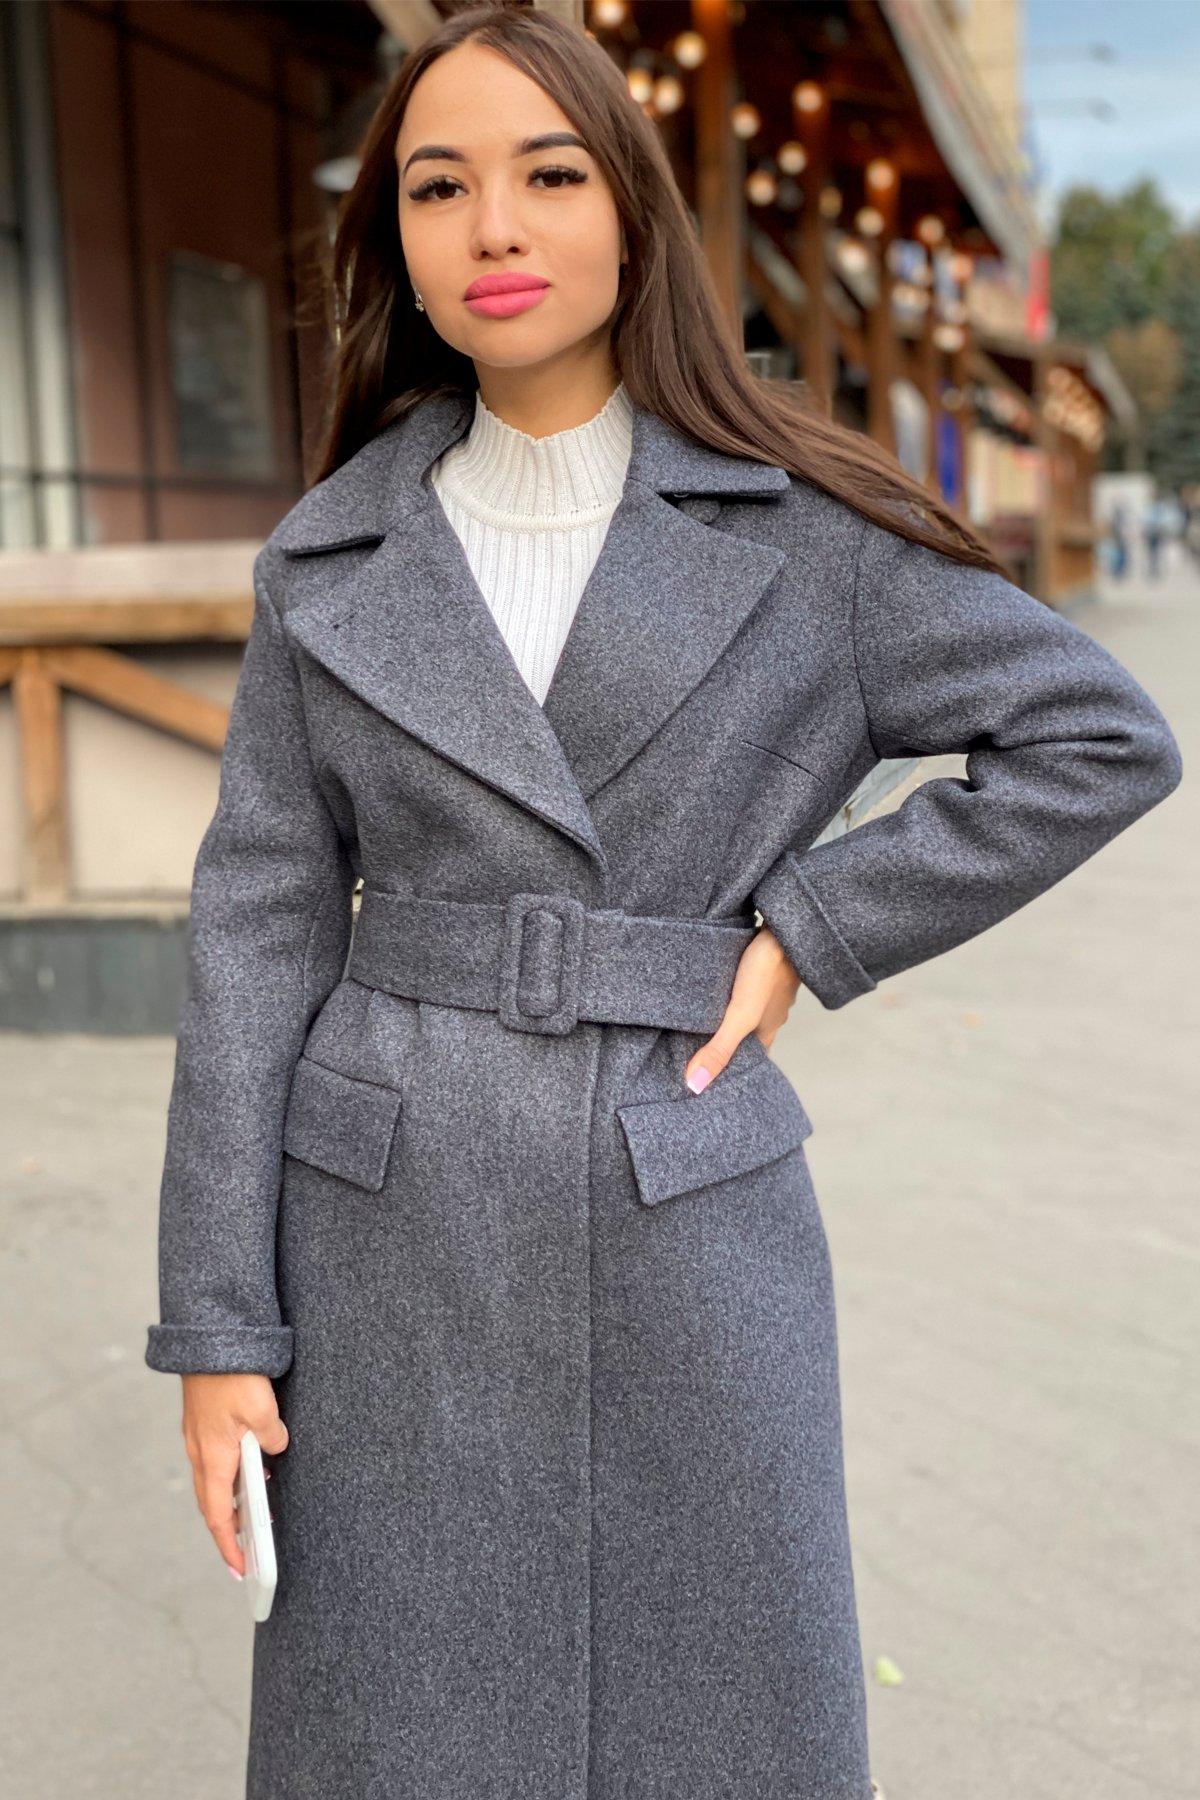 Зимнее пальто с отложным воротником Моле 8085 АРТ. 44036 Цвет: Т.синий 543 - фото 12, интернет магазин tm-modus.ru